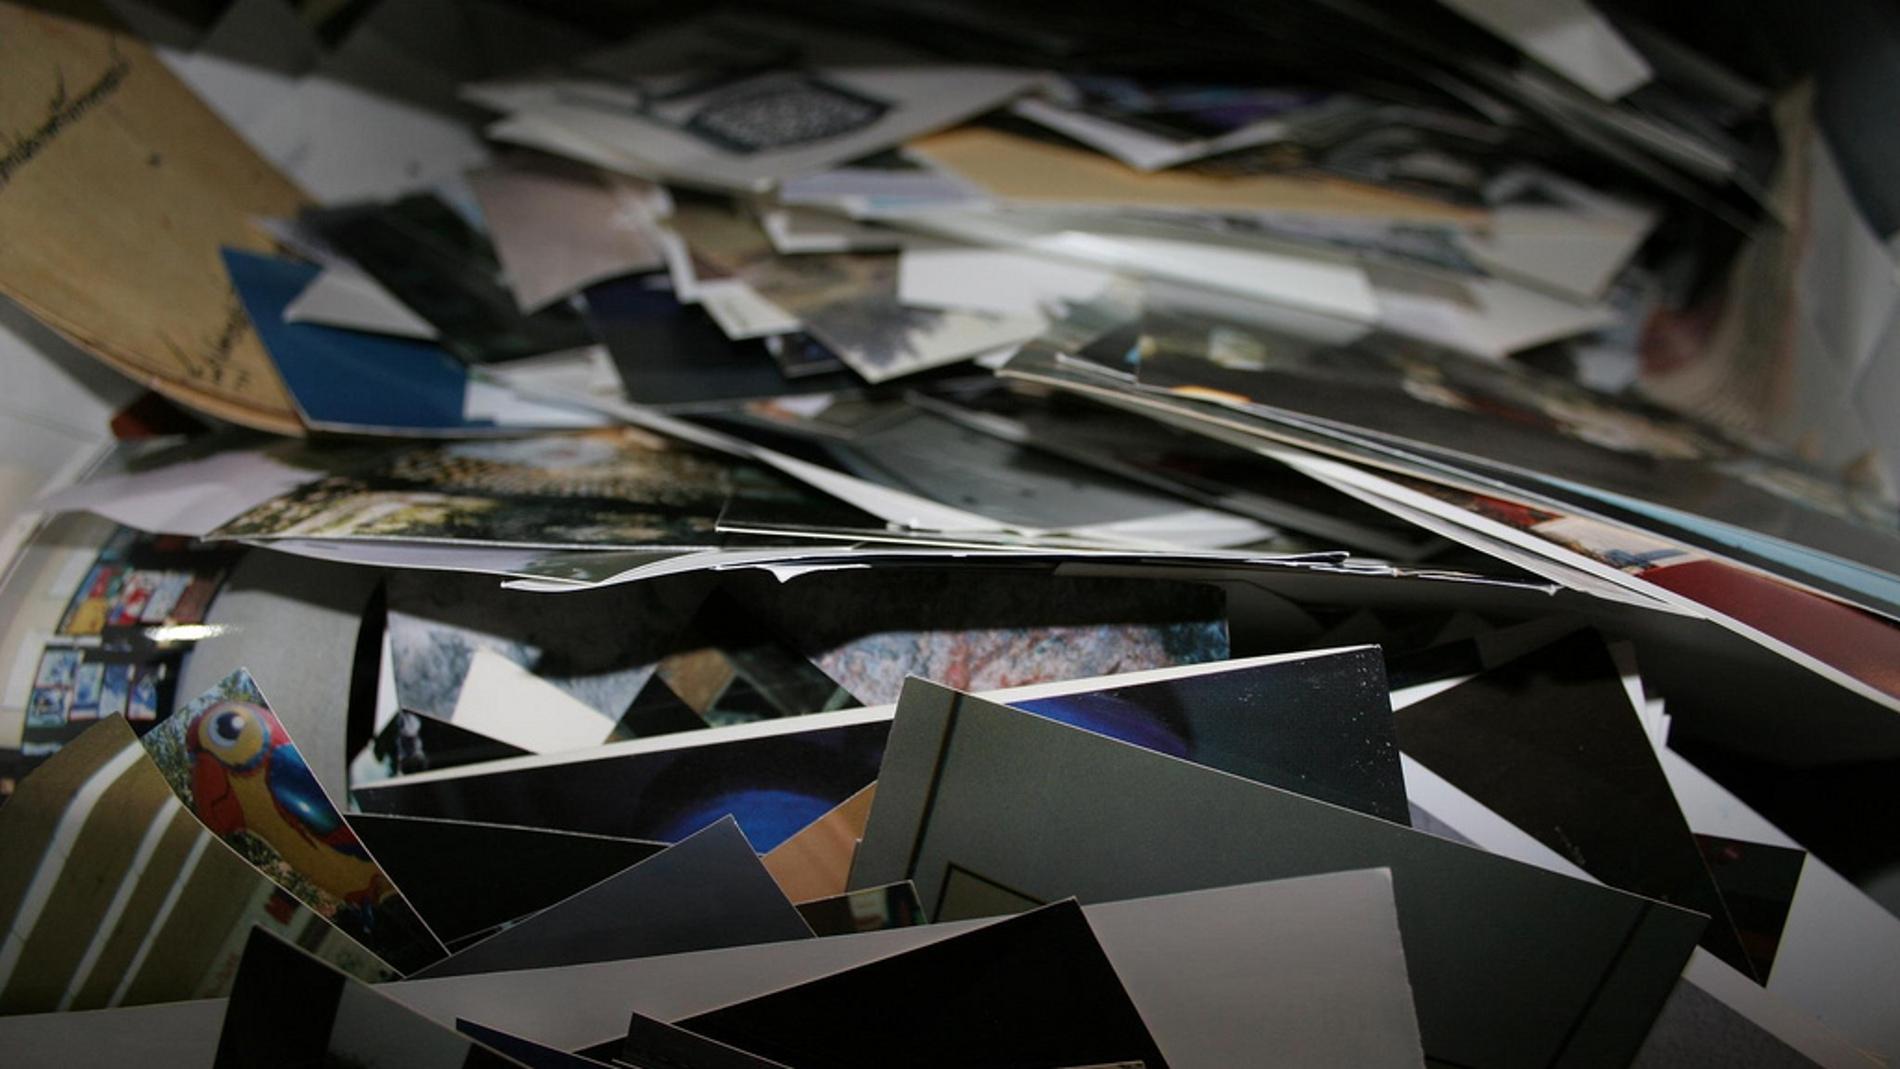 Papel con fotografías en ellos